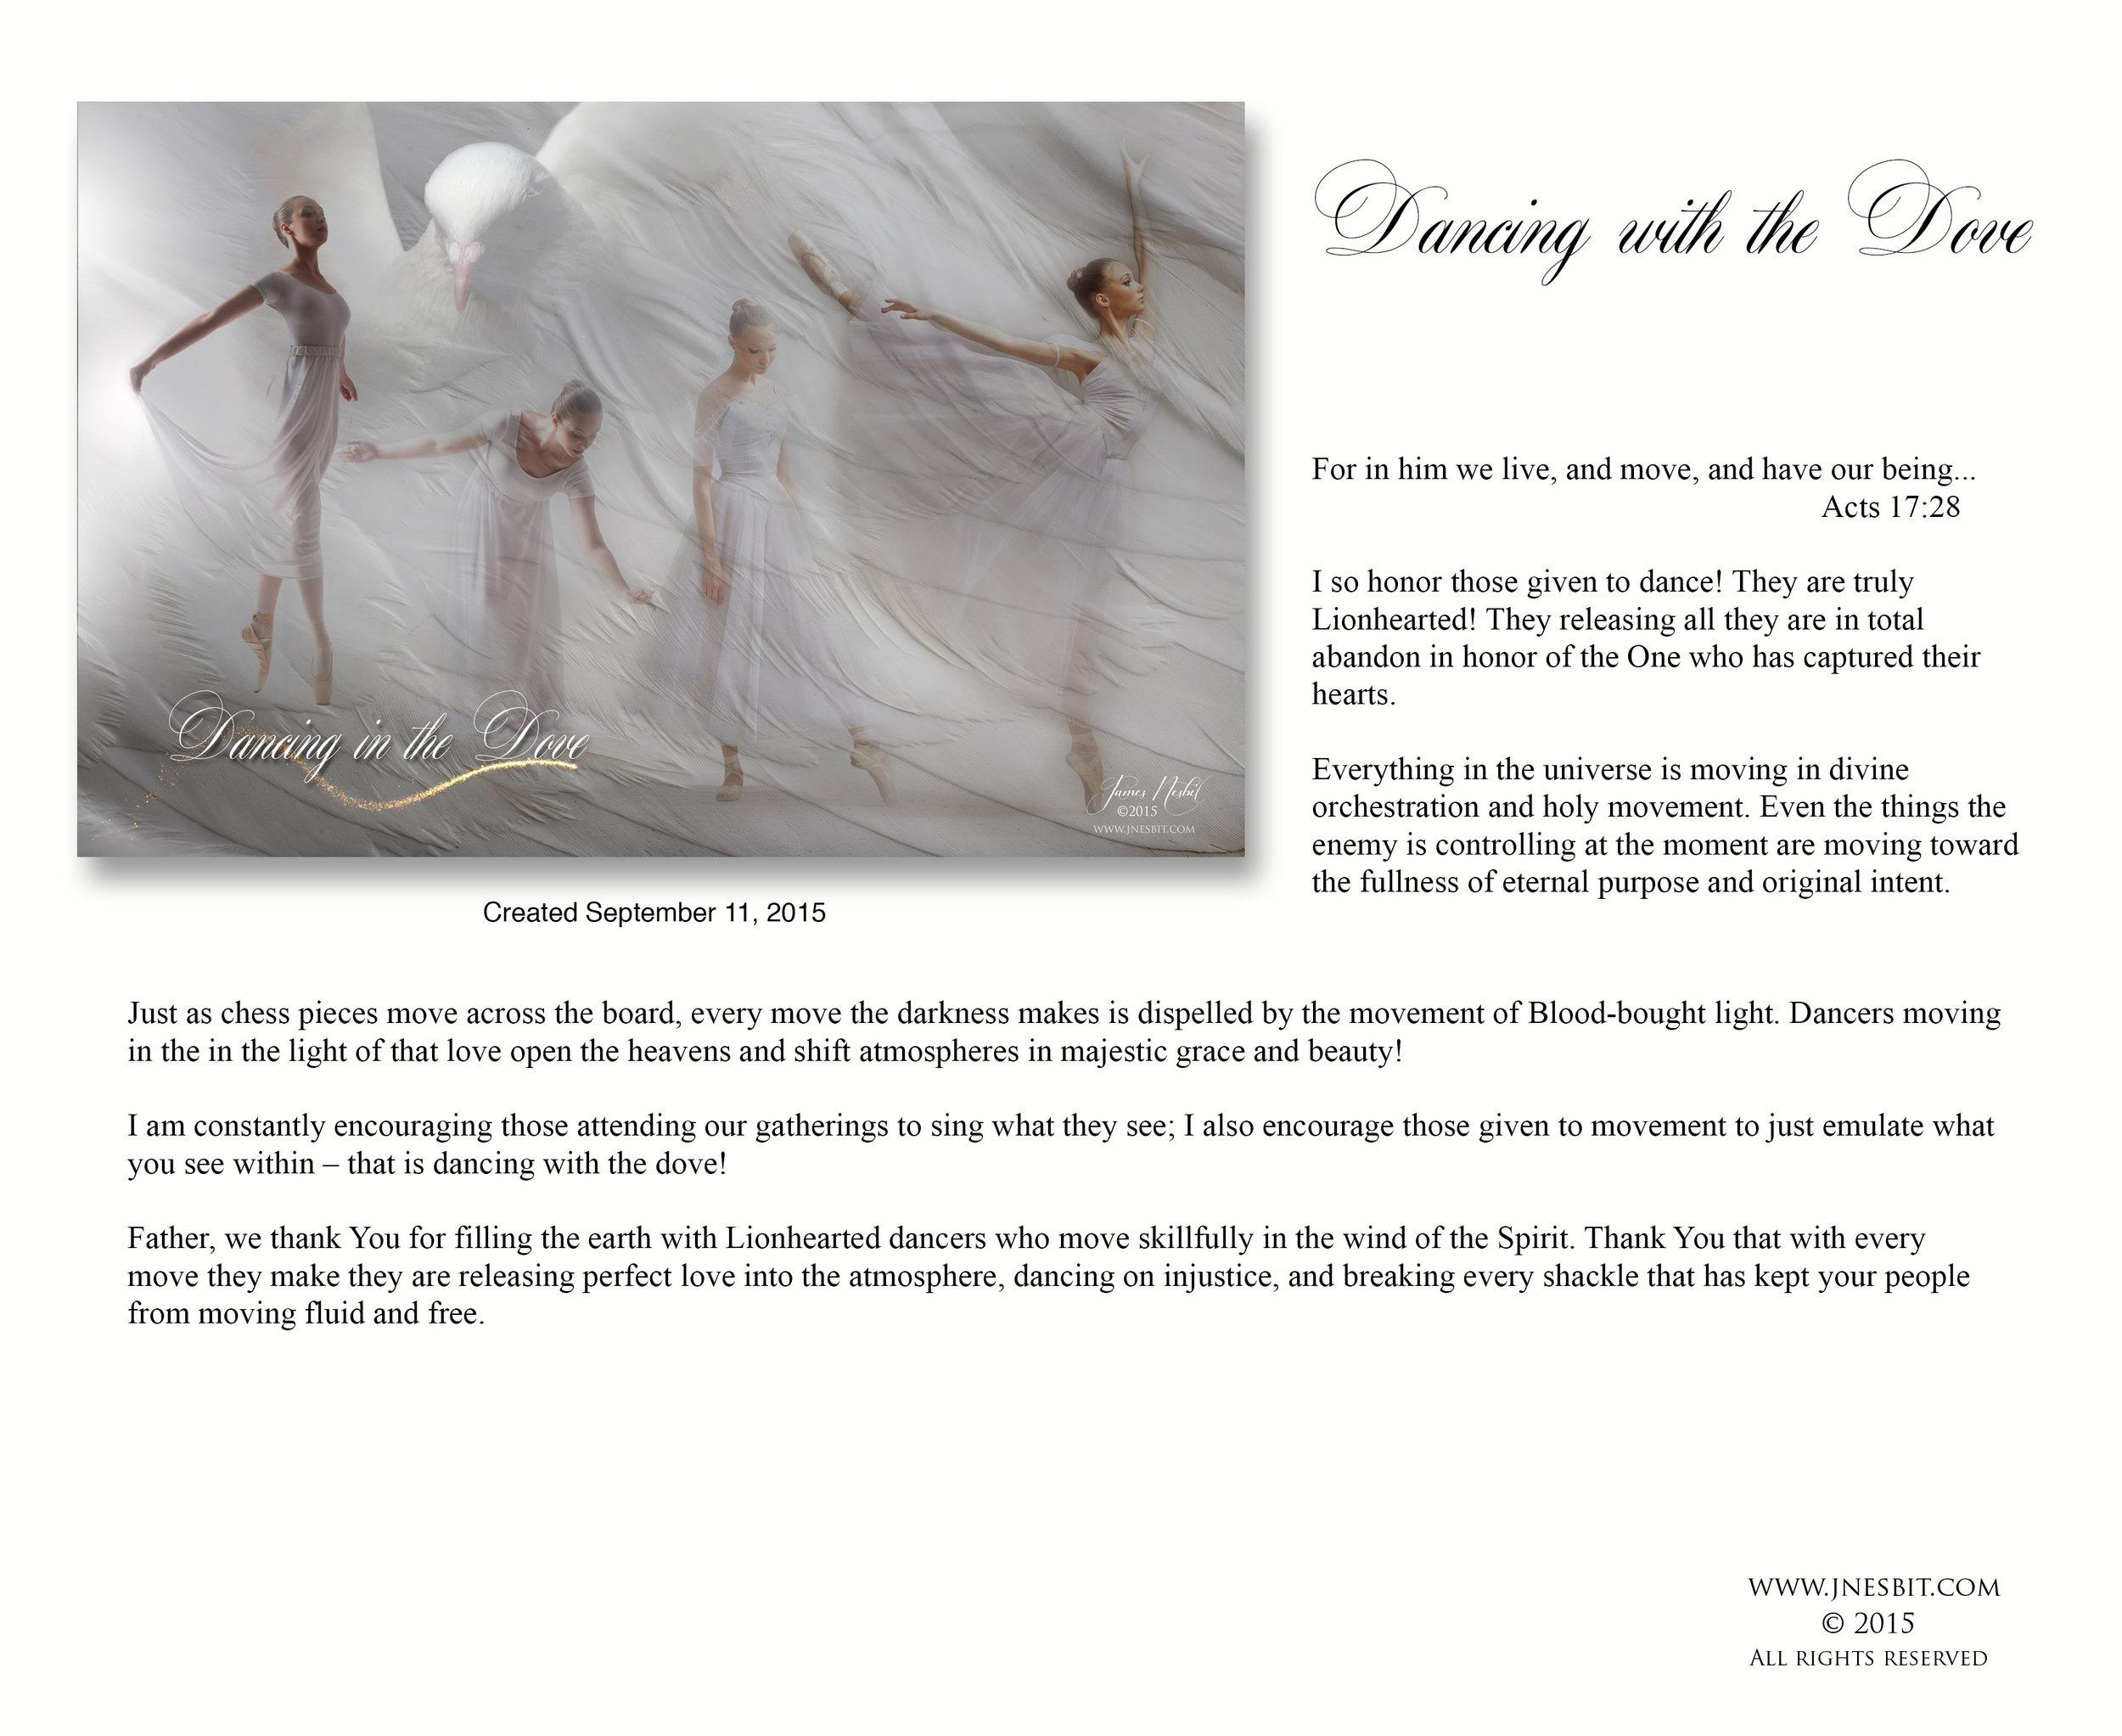 Dancing Dove Description copy.jpg